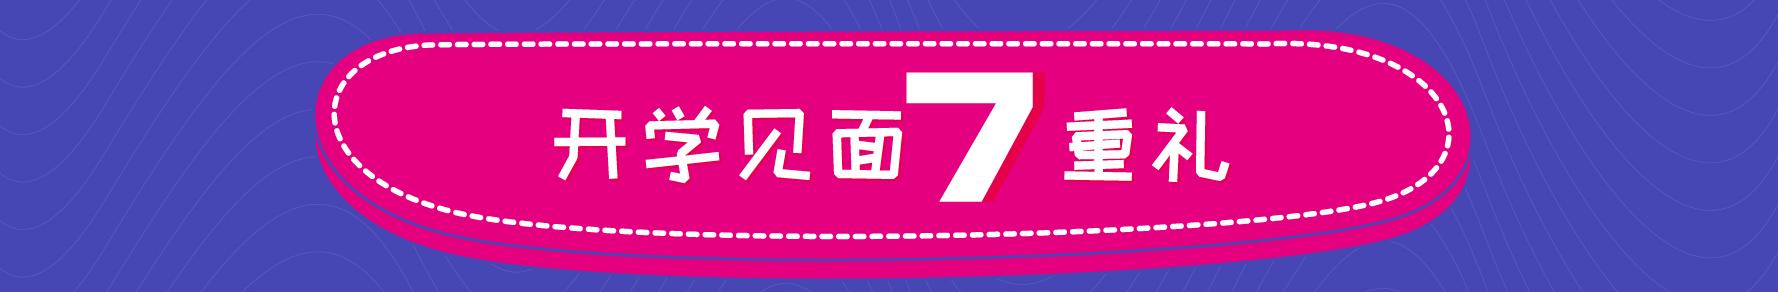 6-640_畫板-1_03.png